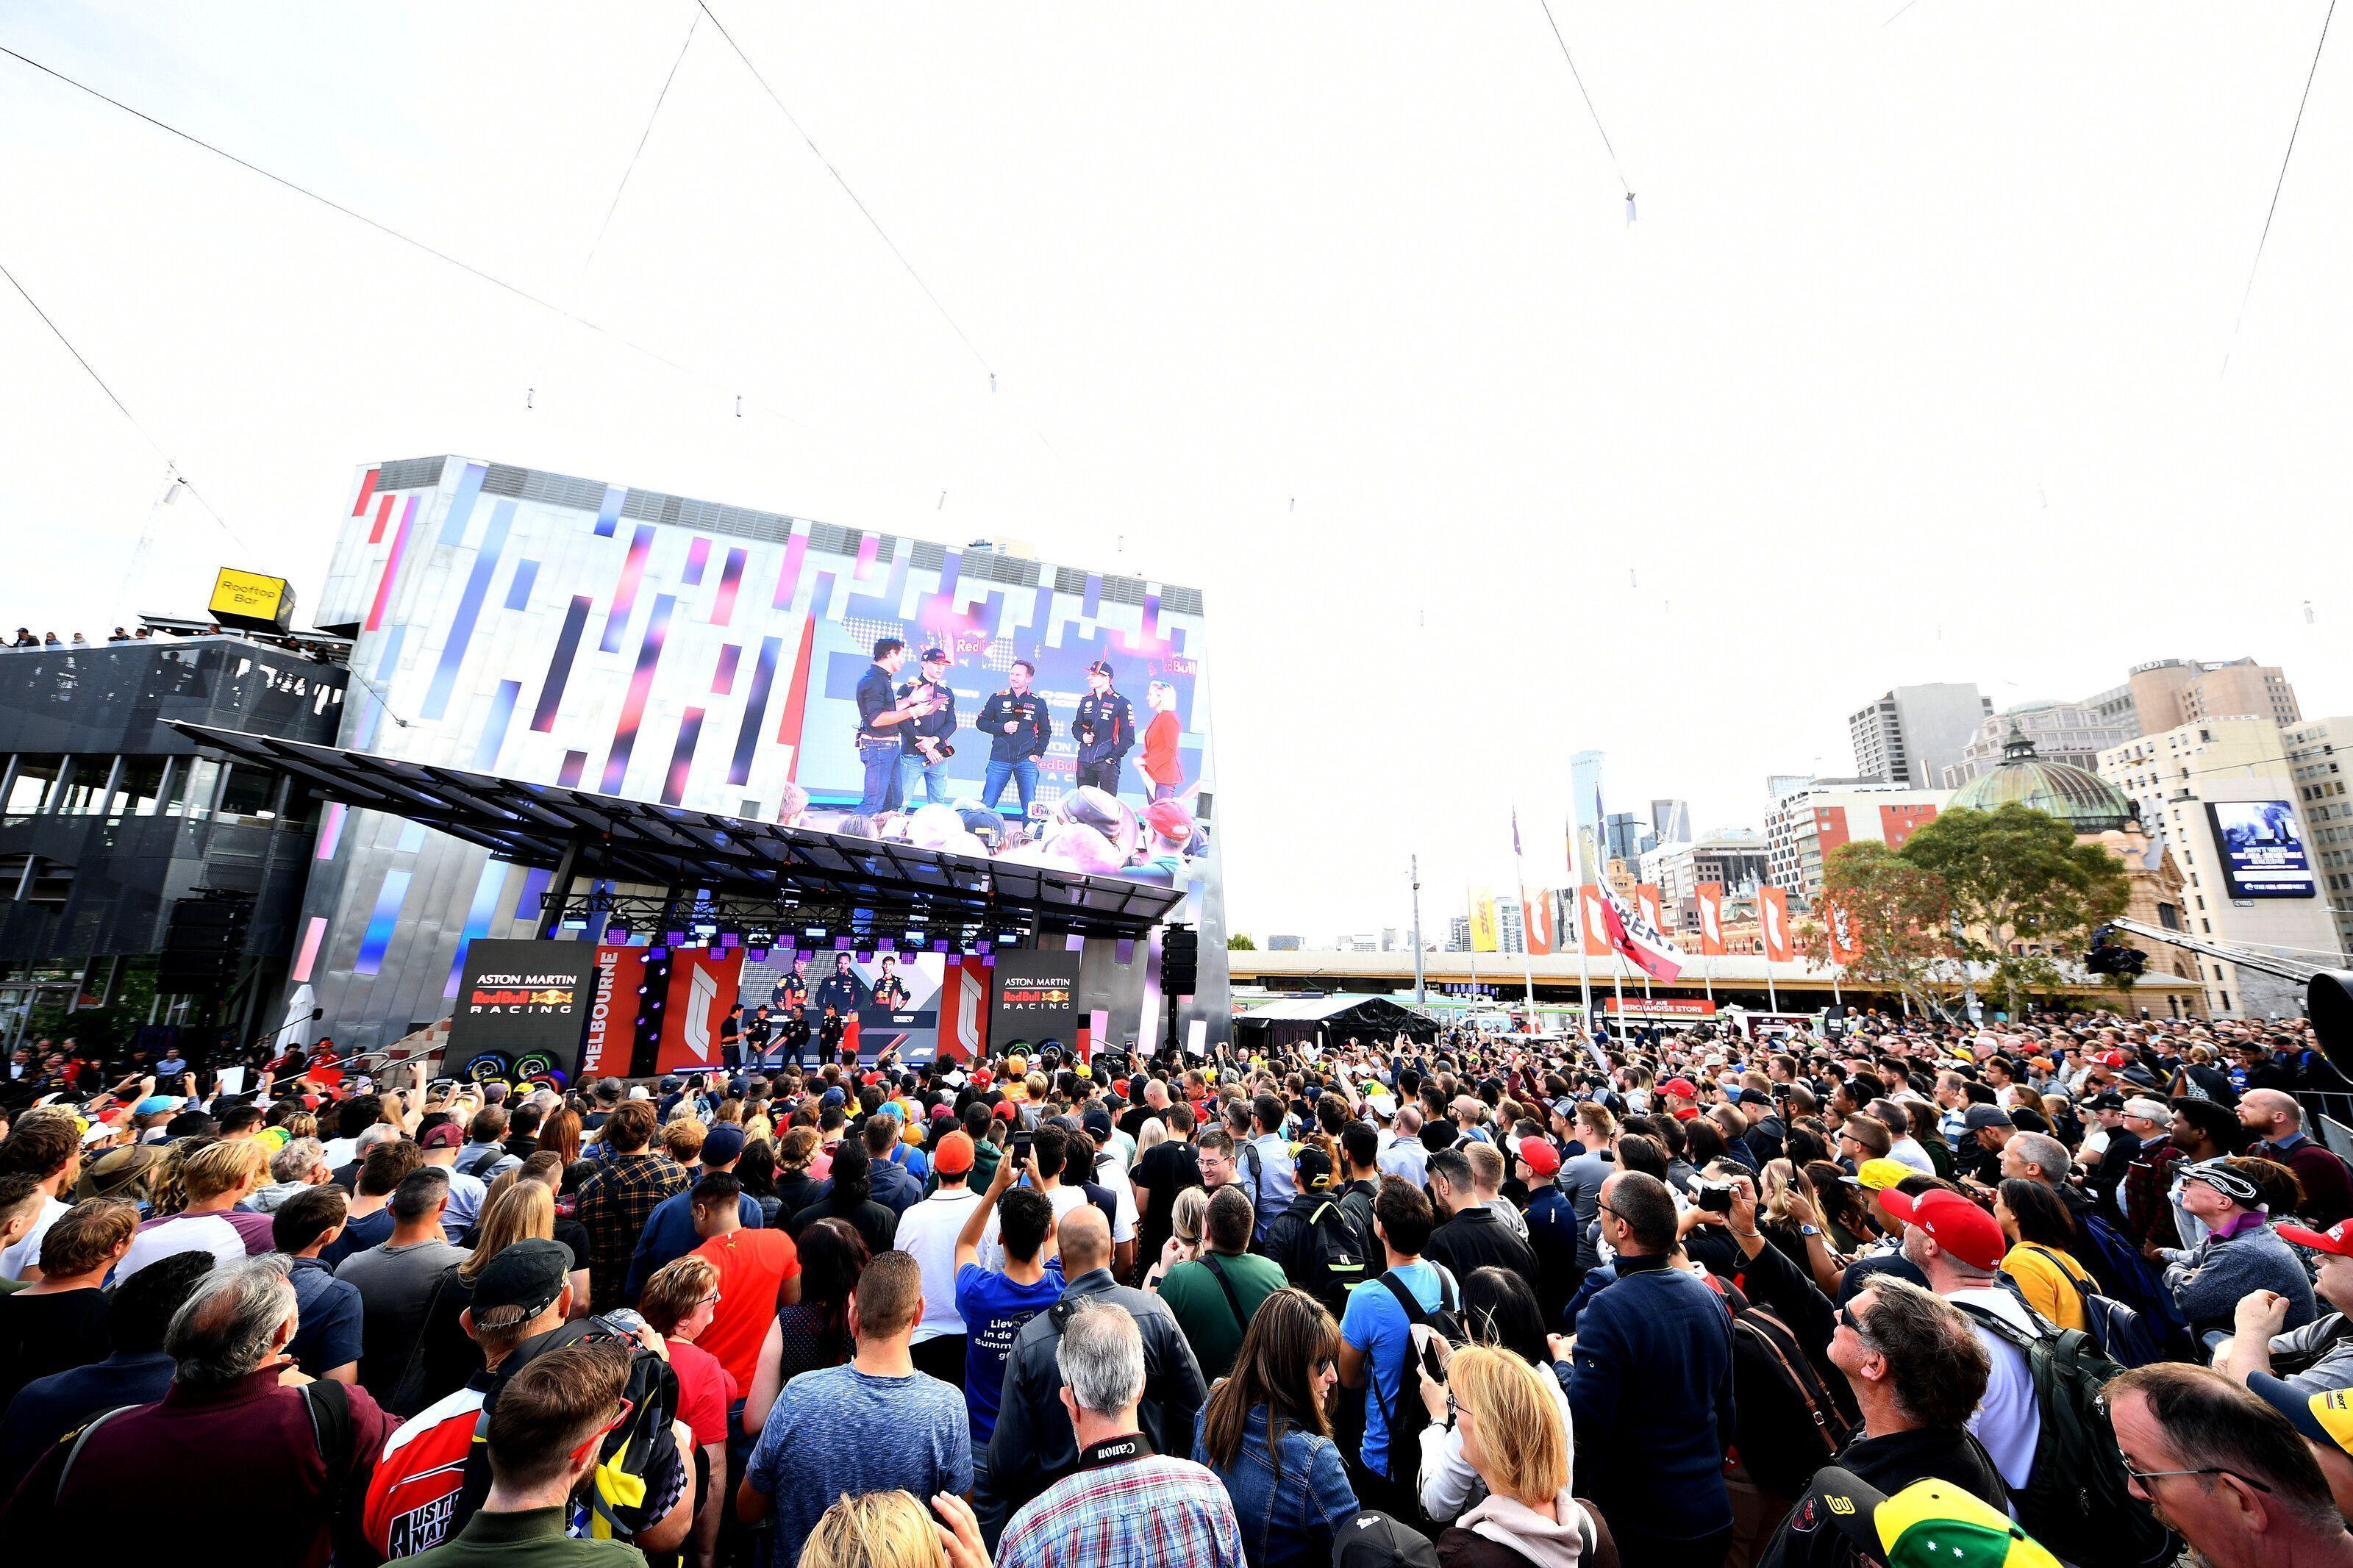 Fans attending Australian GP, measles alert issued